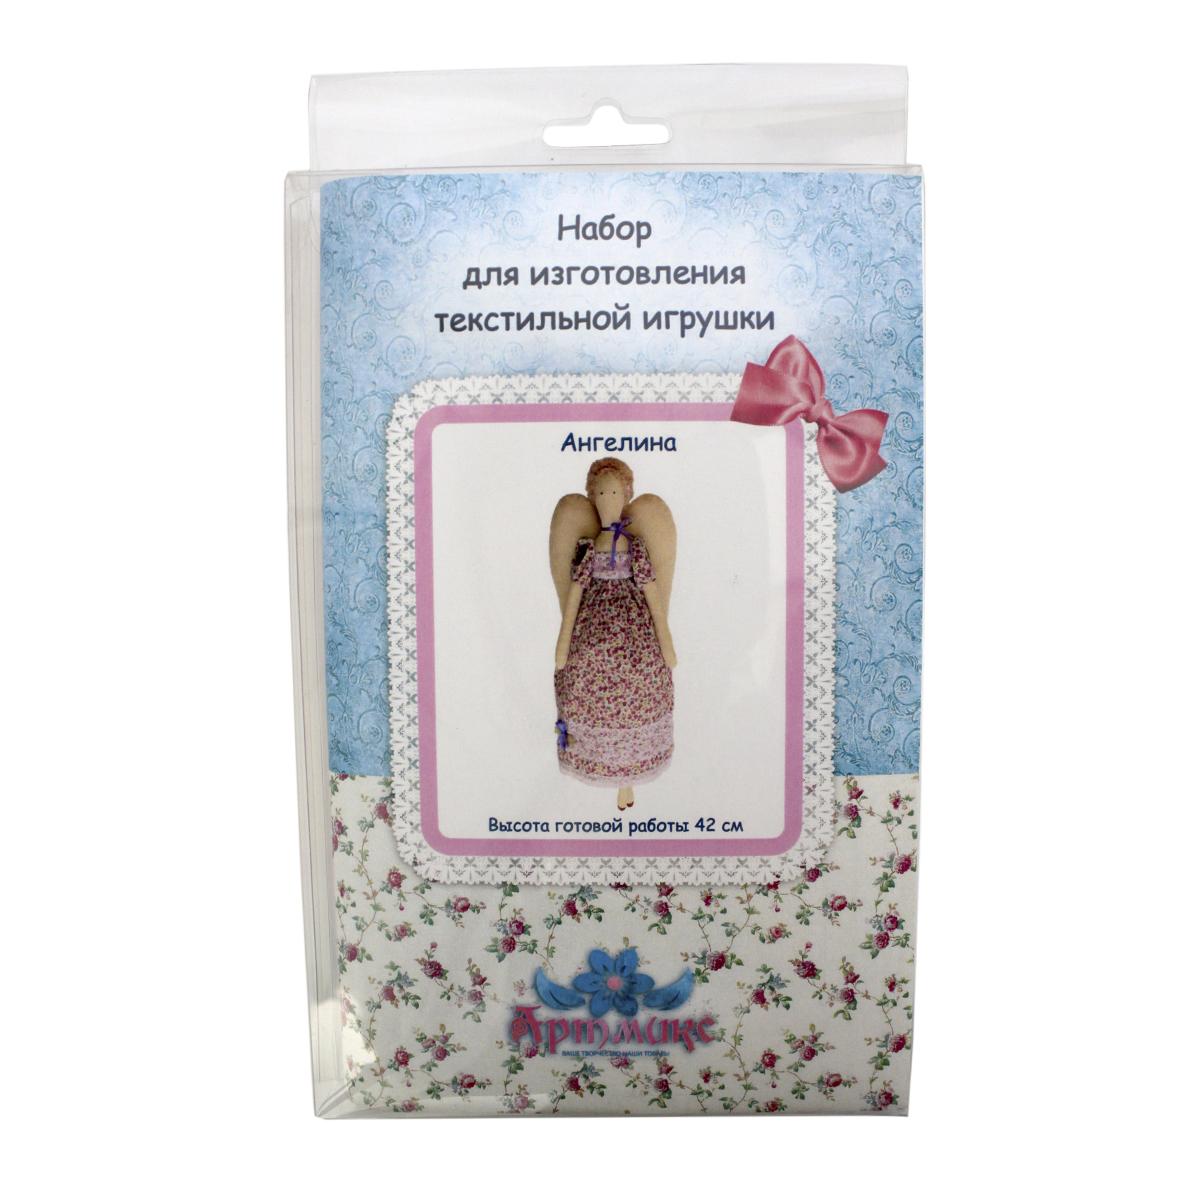 Набор для изготовления игрушки Артмикс Ангелина, высота 42 см. AM100015 набор для изготовления текстильной игрушки артмикс мишка папа высота 25 см